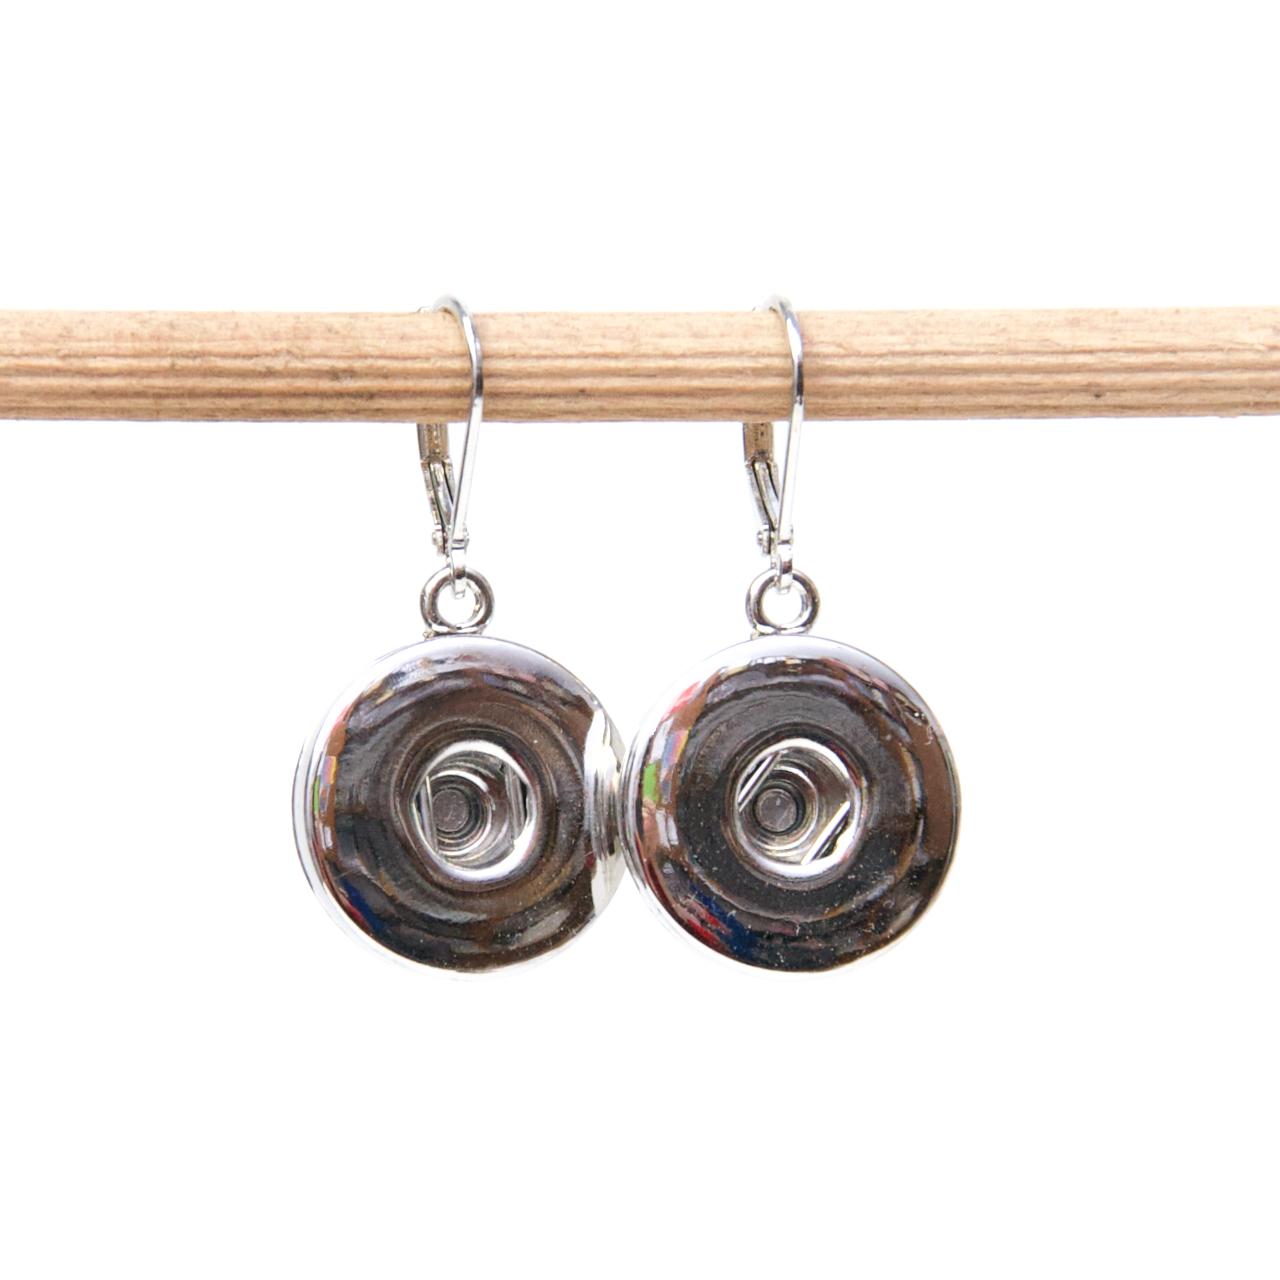 Druckknopf Ohrringe für 16mm Druckknöpfe - Edelstahl